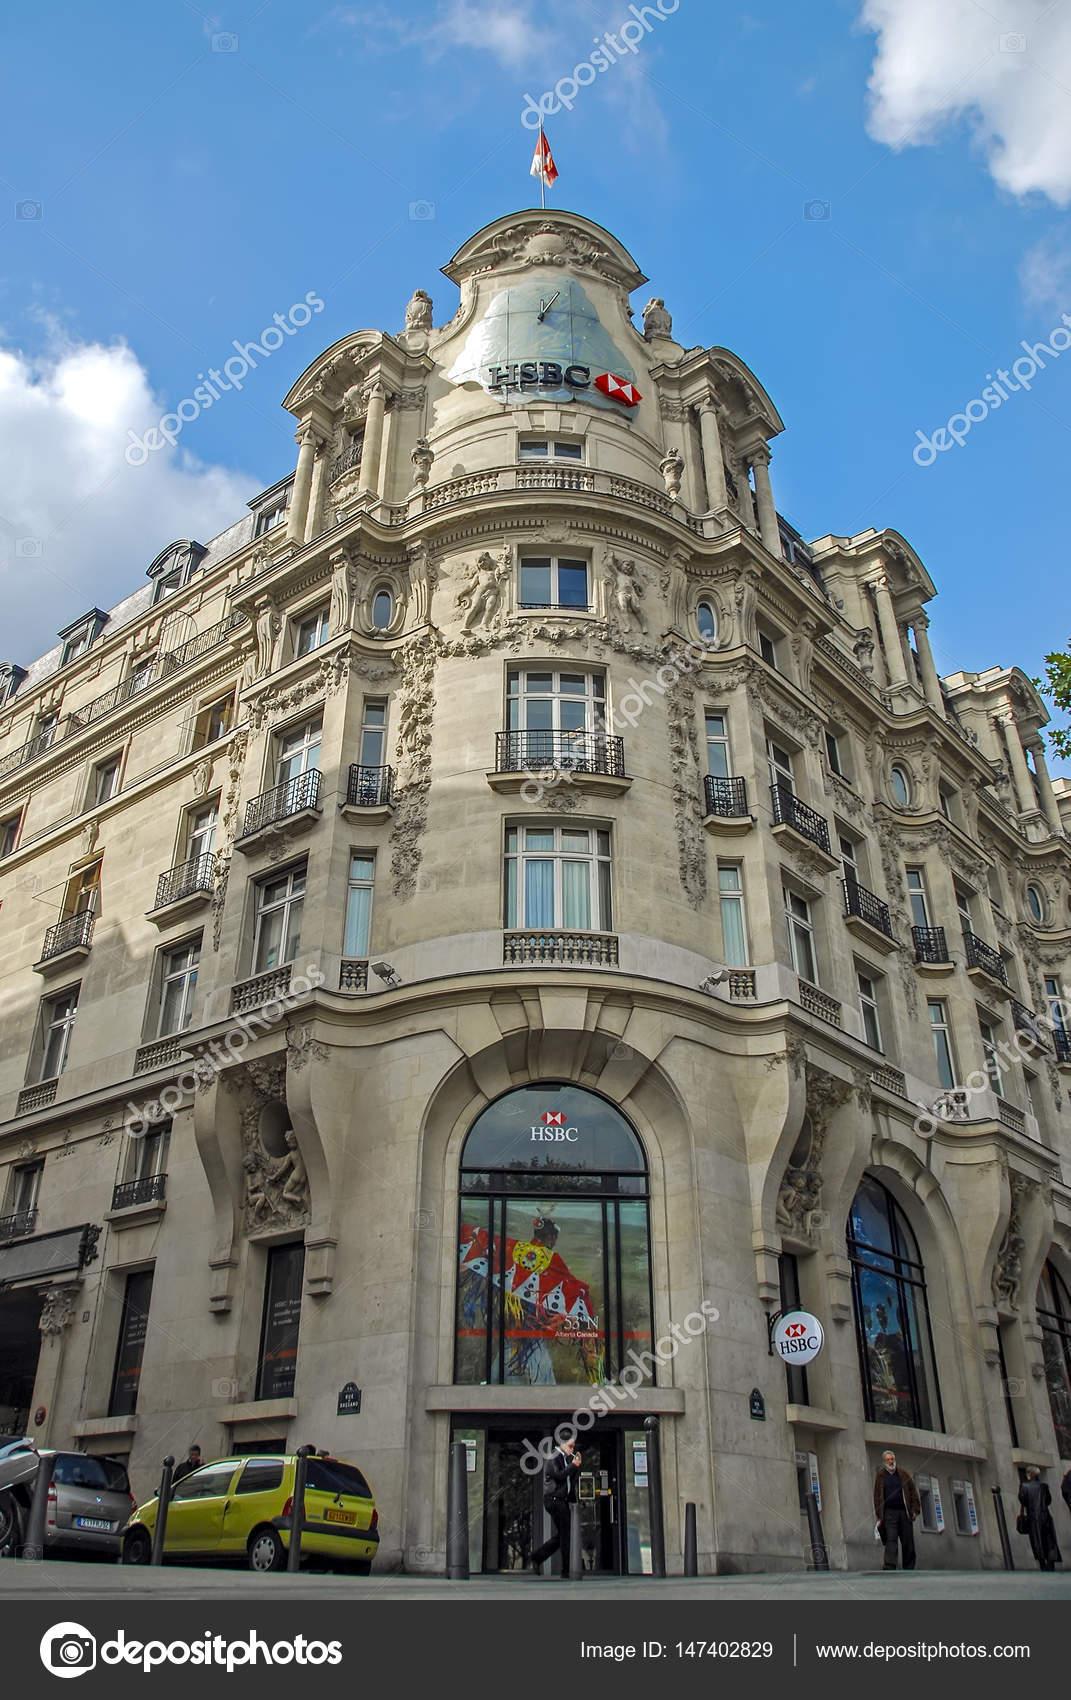 Paris, France - September 25, 2008: Commercial Architecture, HSBC